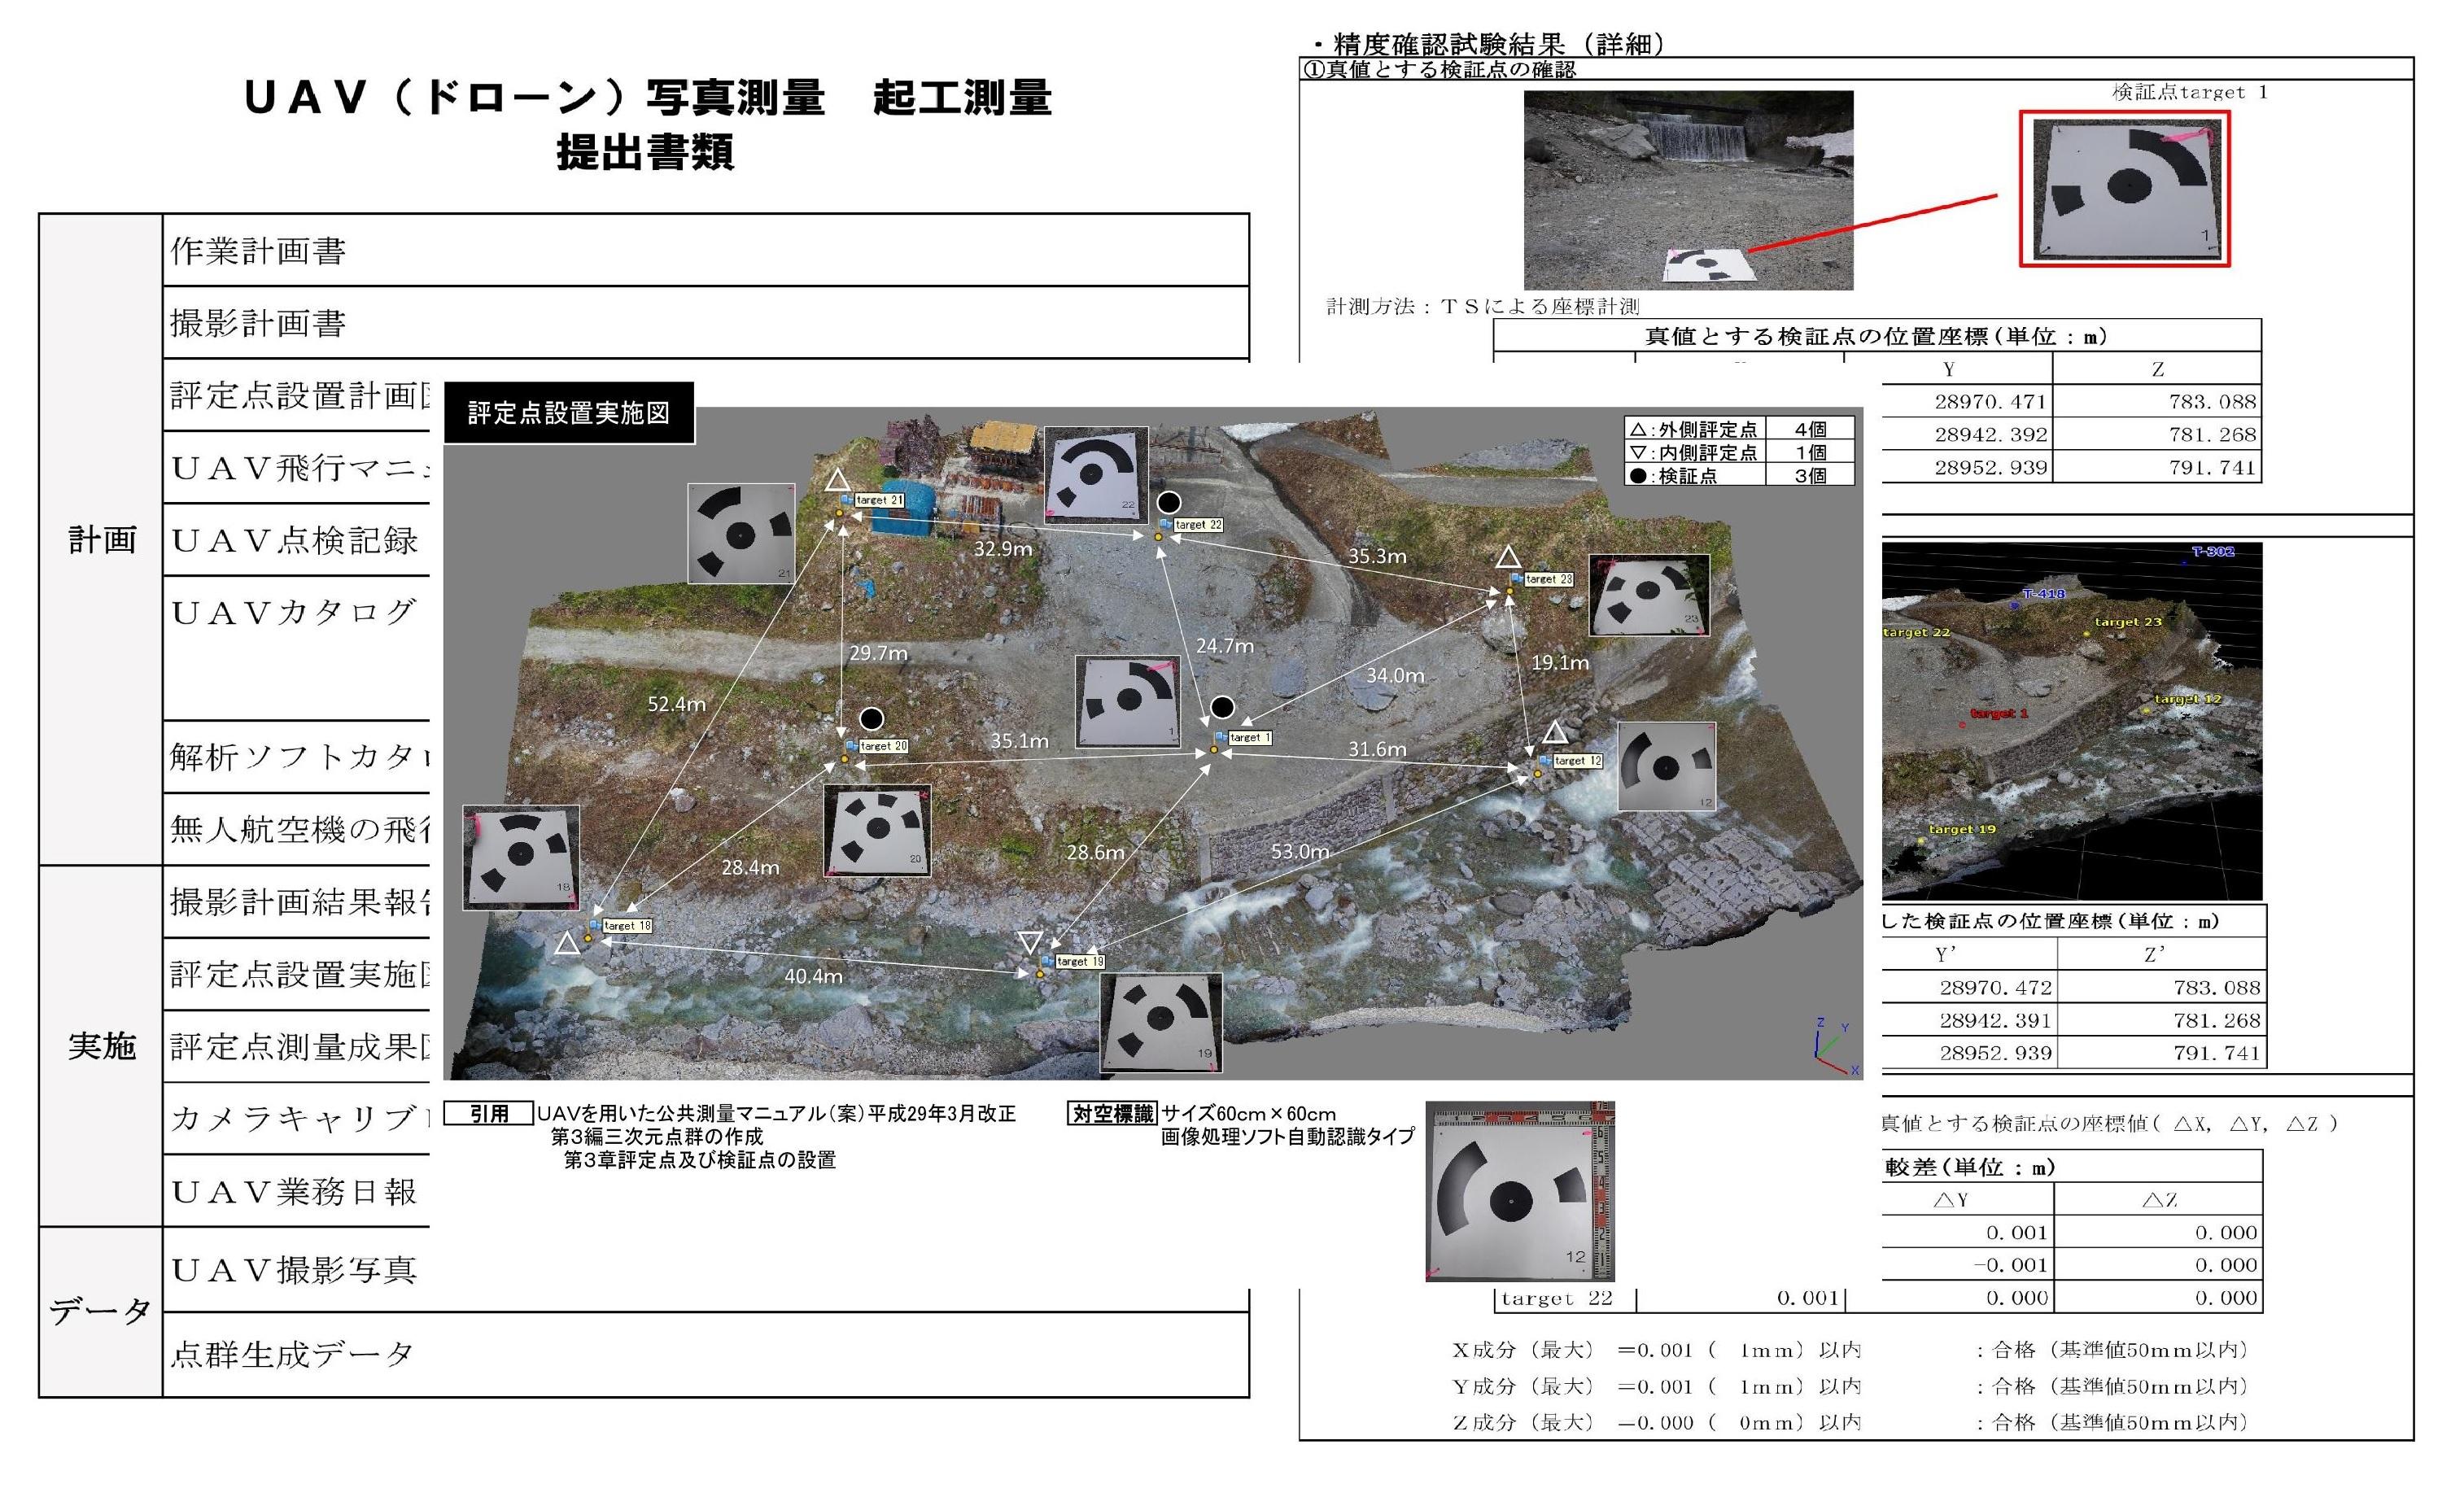 起工測量データ.jpg